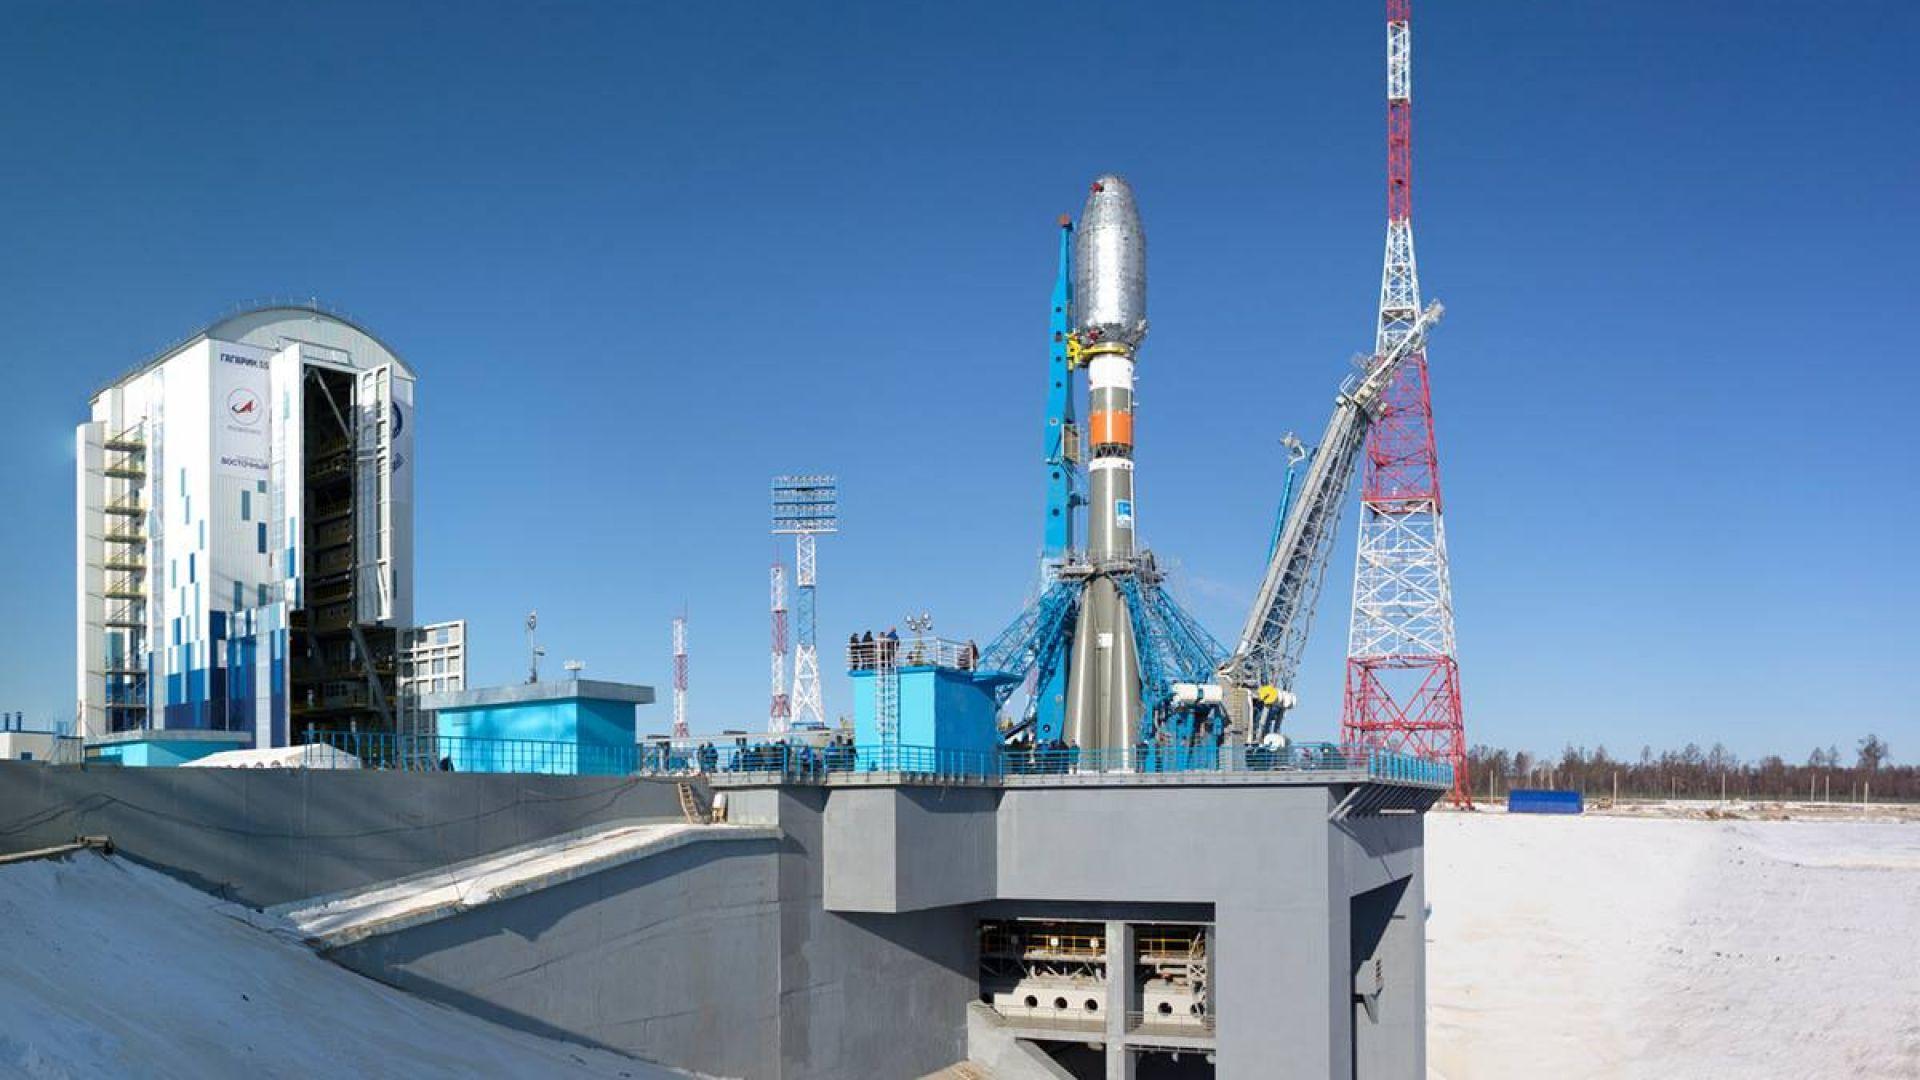 """Откриха сериозен дефект на новия руски космодрум """"Восточный"""""""